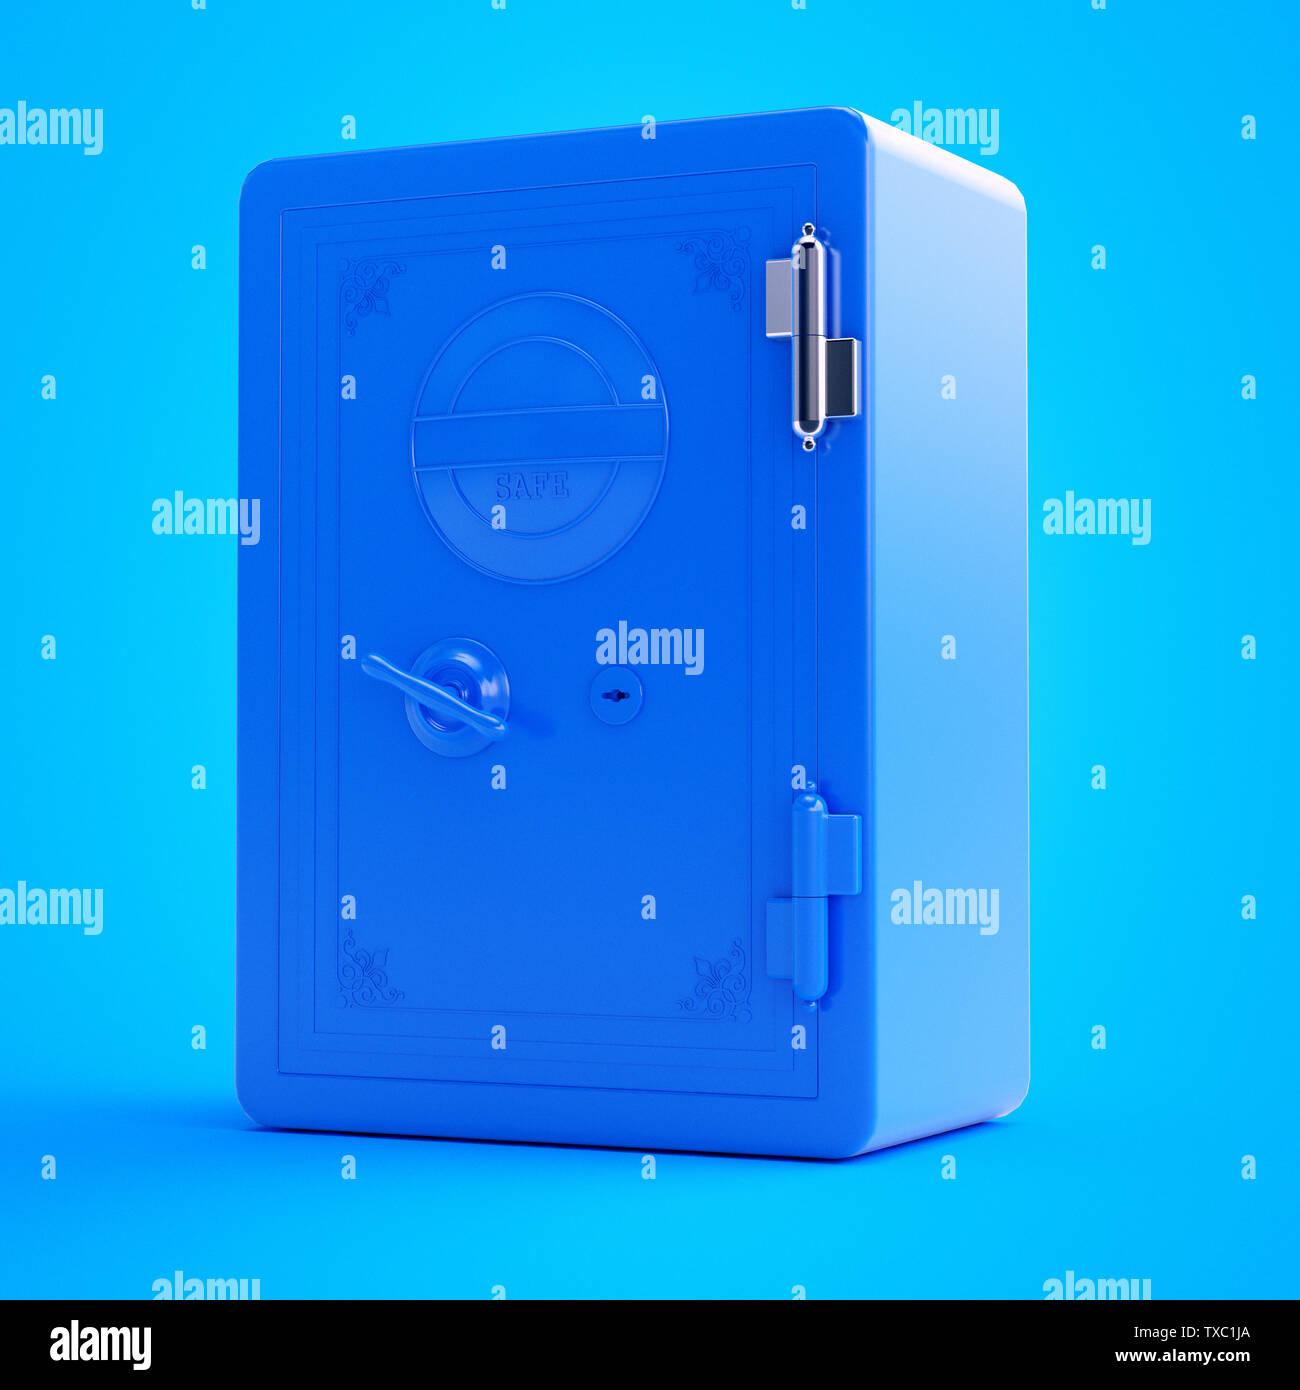 3d rendered illustration of a blue safe - Stock Image